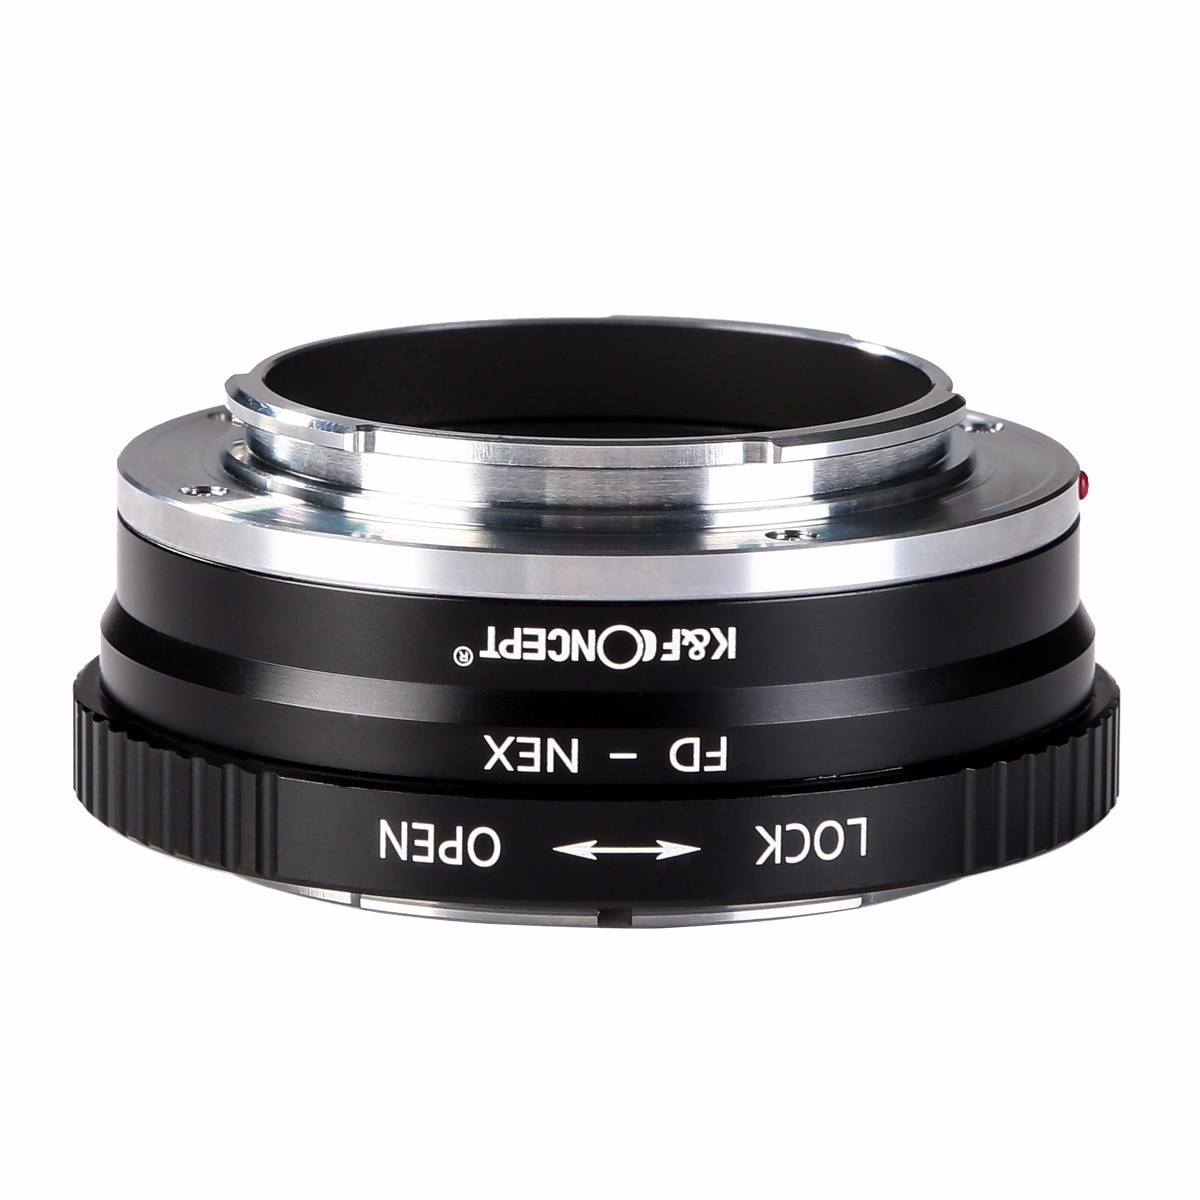 K & F koncept Alt-kobber interface høj præcision objektiv adapter - Kamera og foto - Foto 2